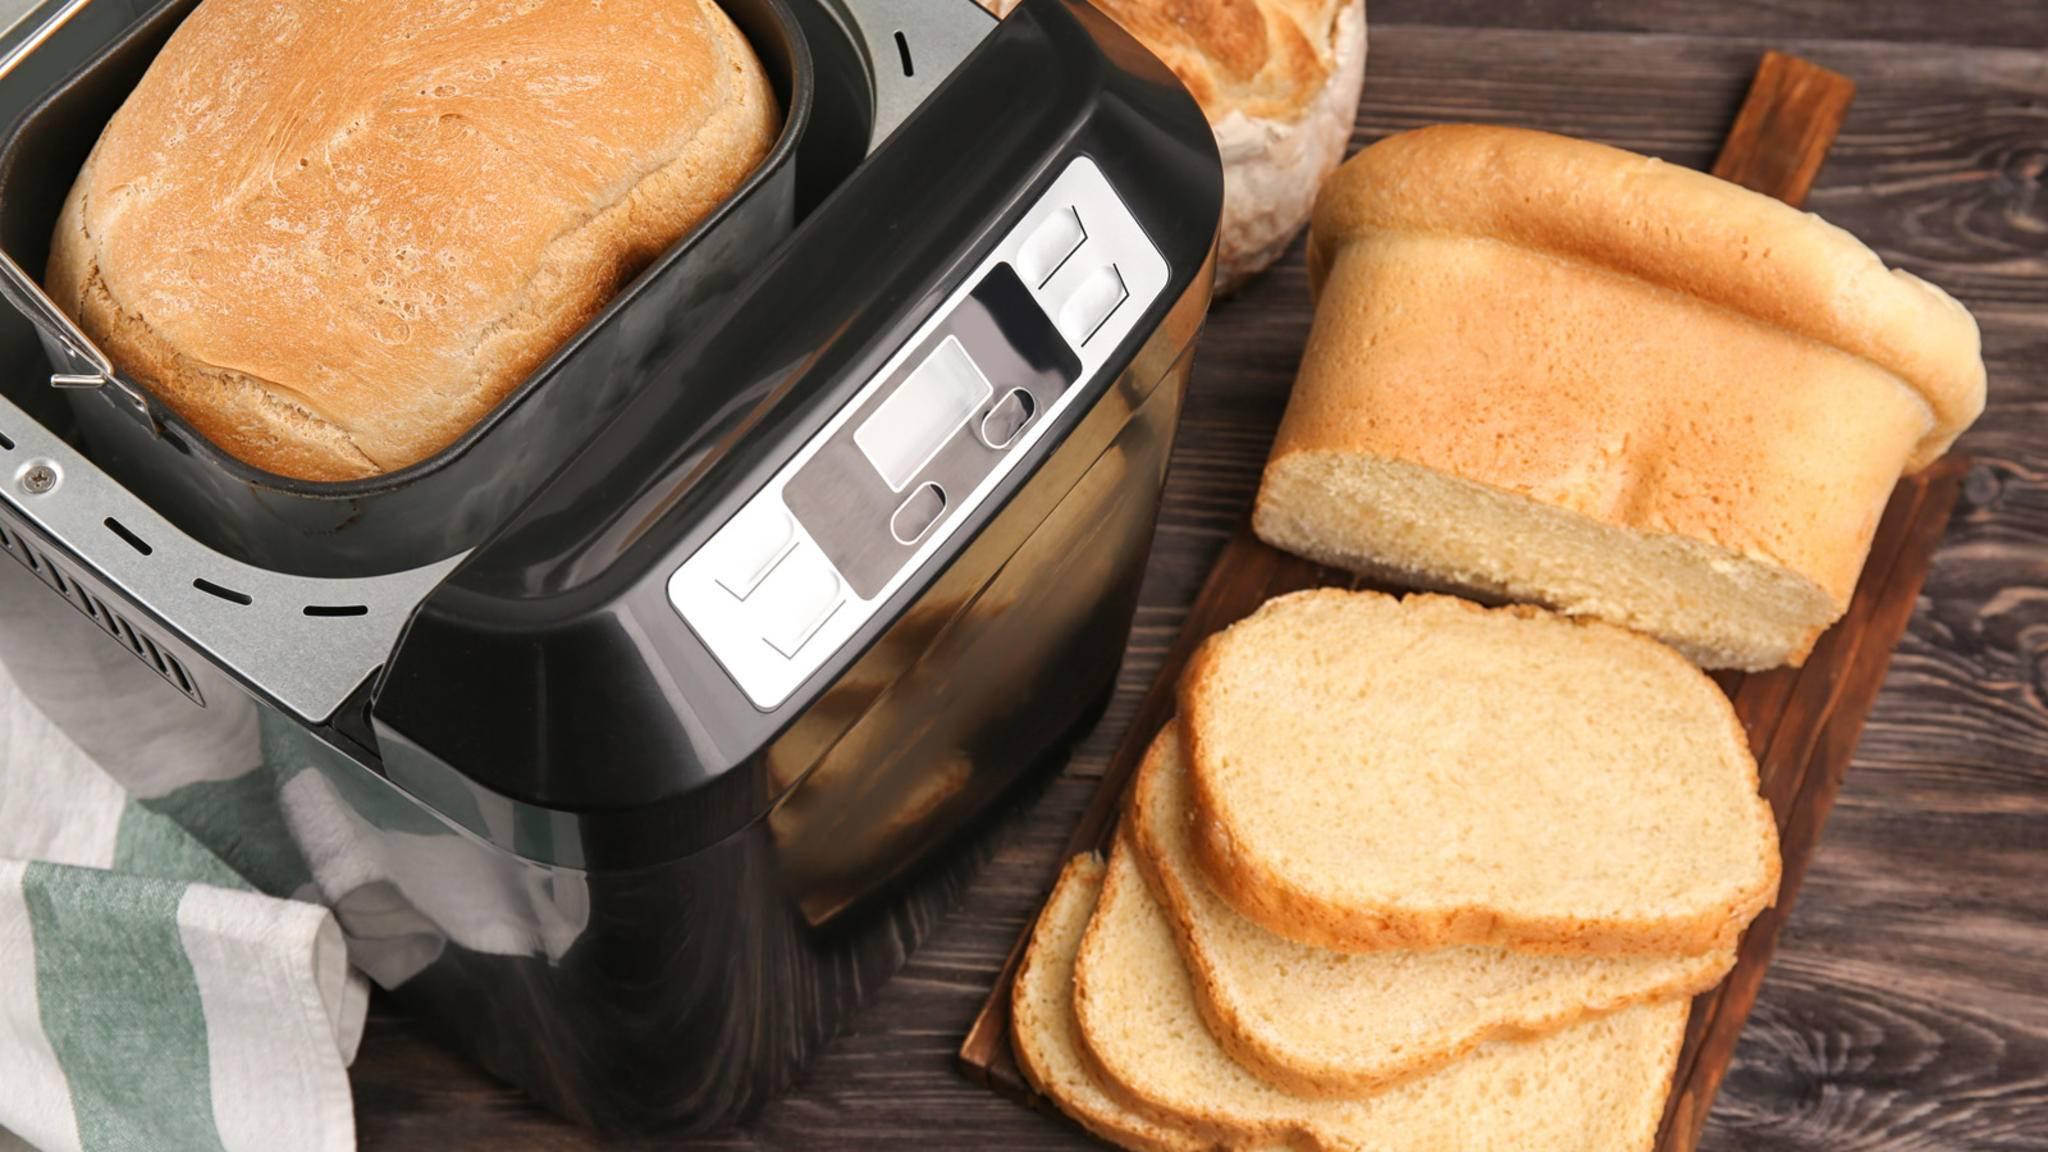 Brotbackautomaten erleben aktuell ein echtes Revival.